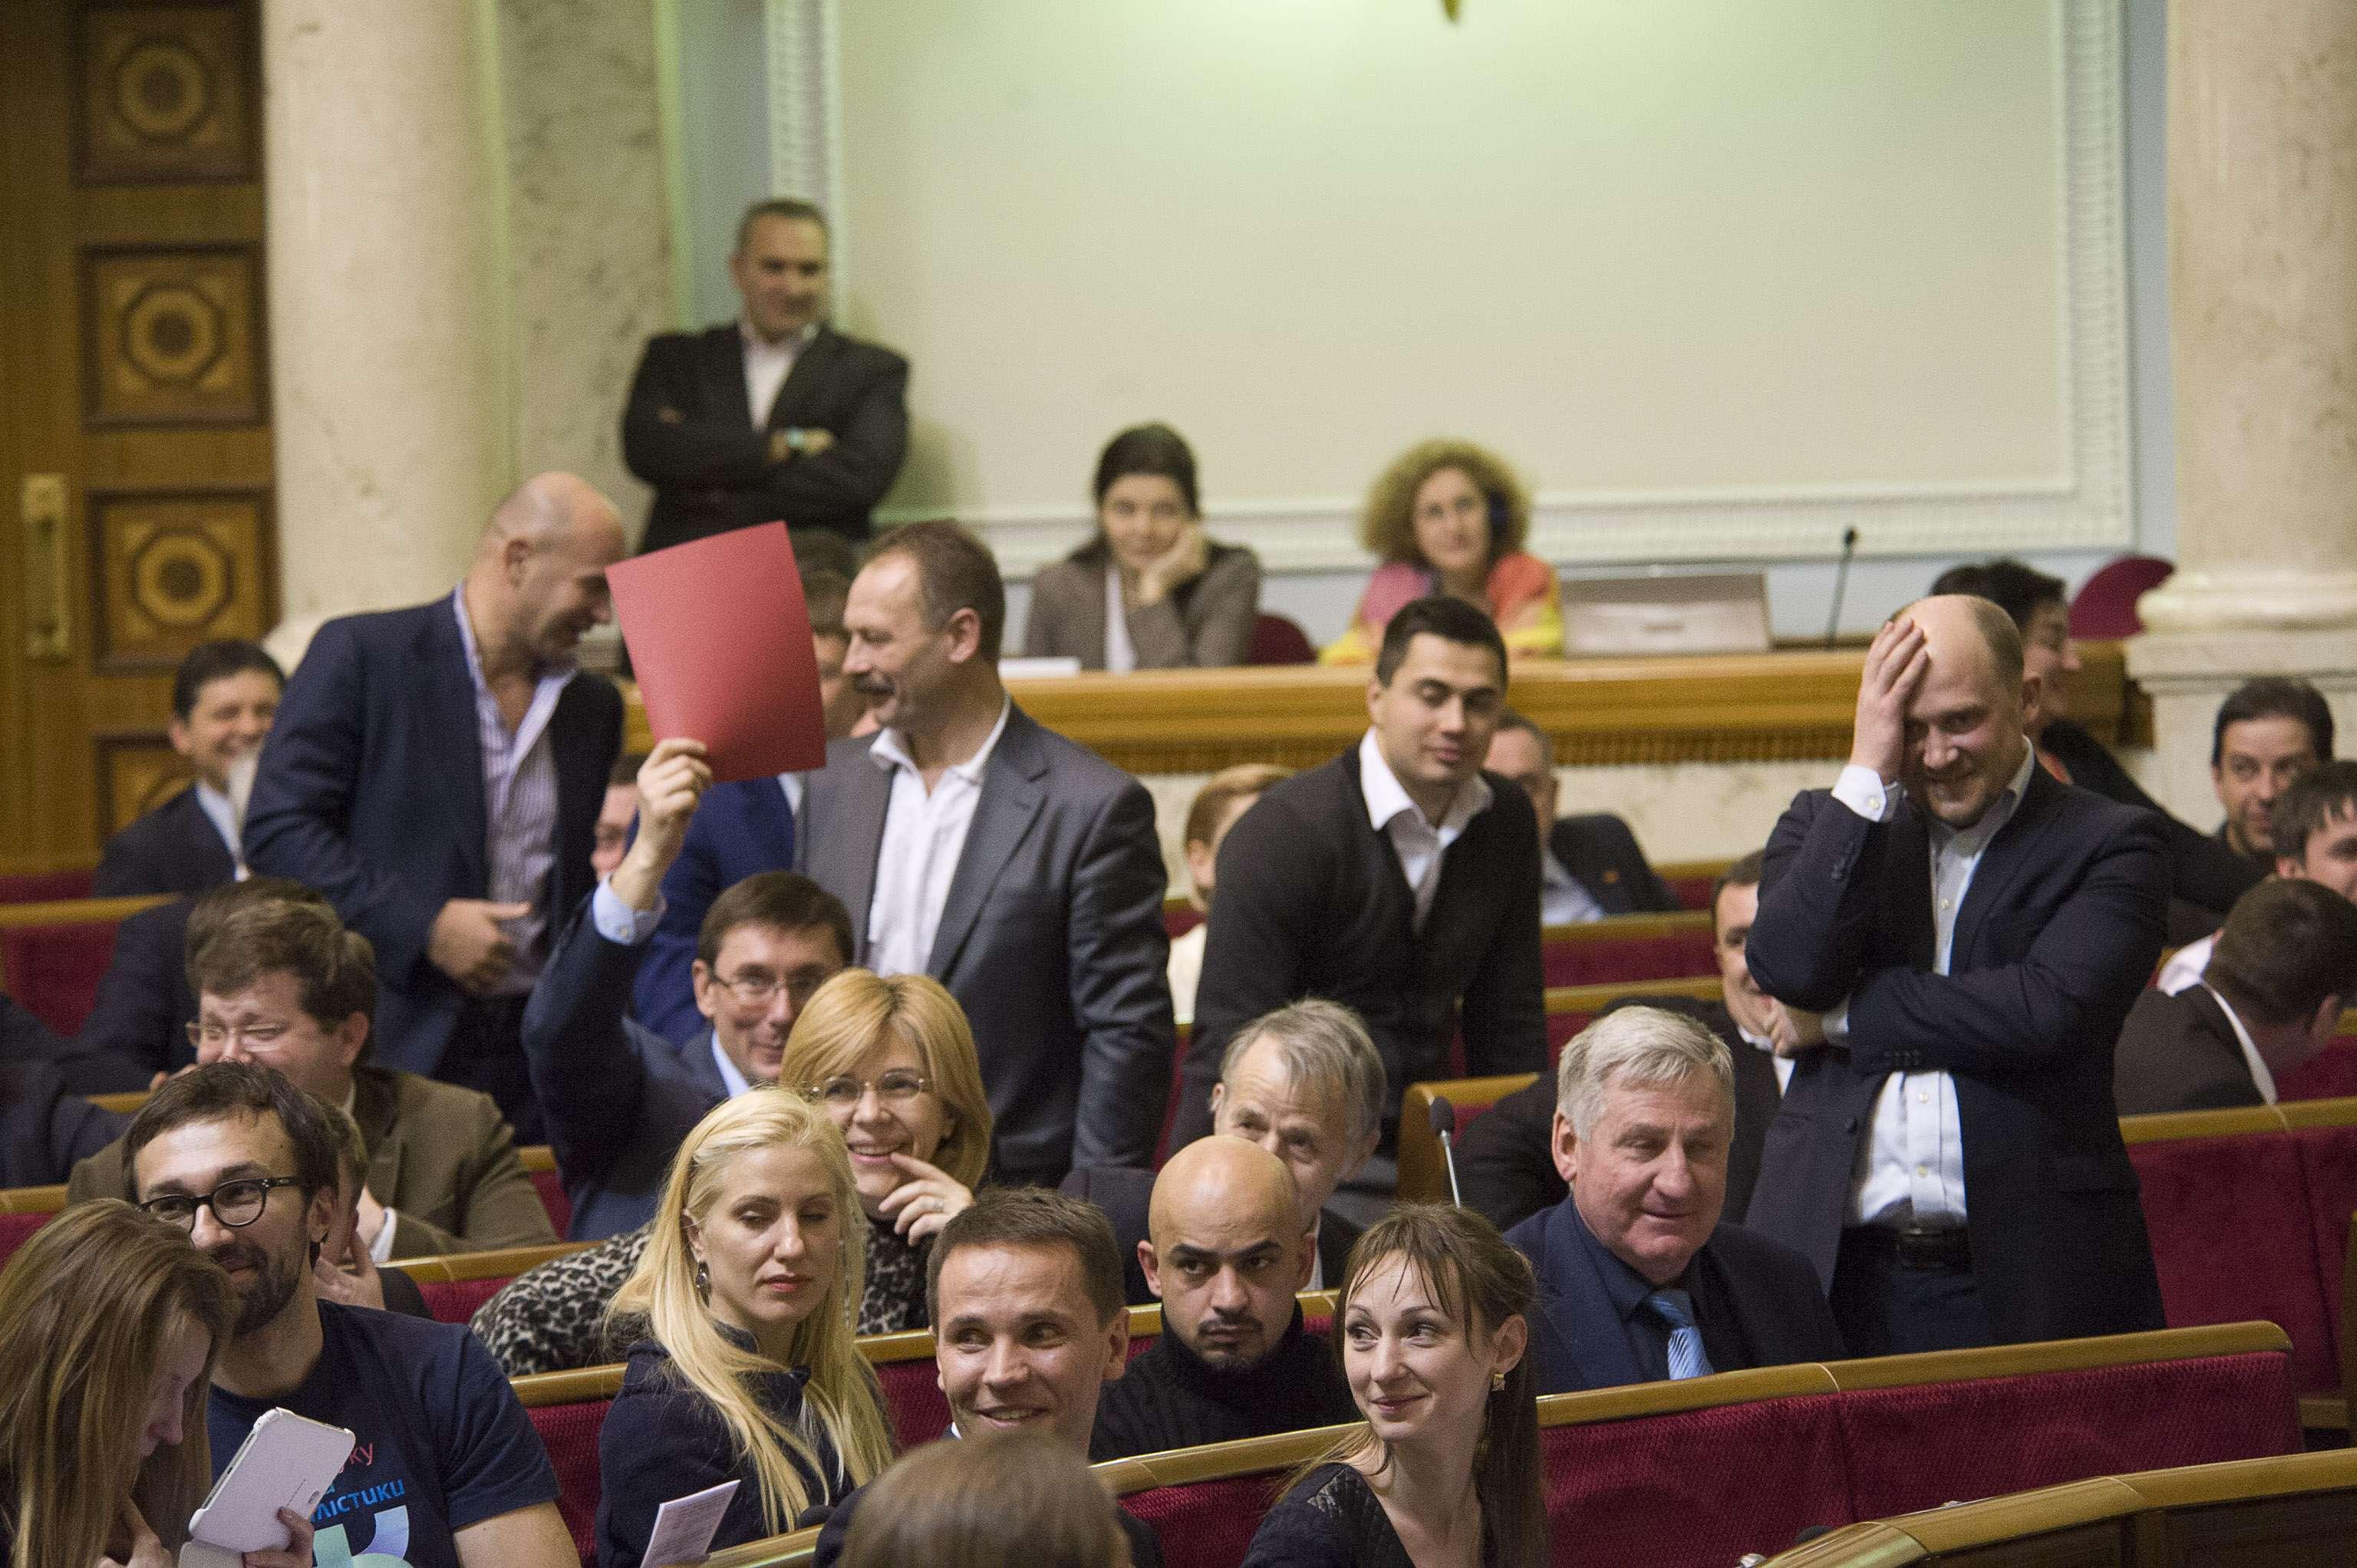 Лидер украинской партии возмутил Сеть своим хамским поведением (фото, видео)